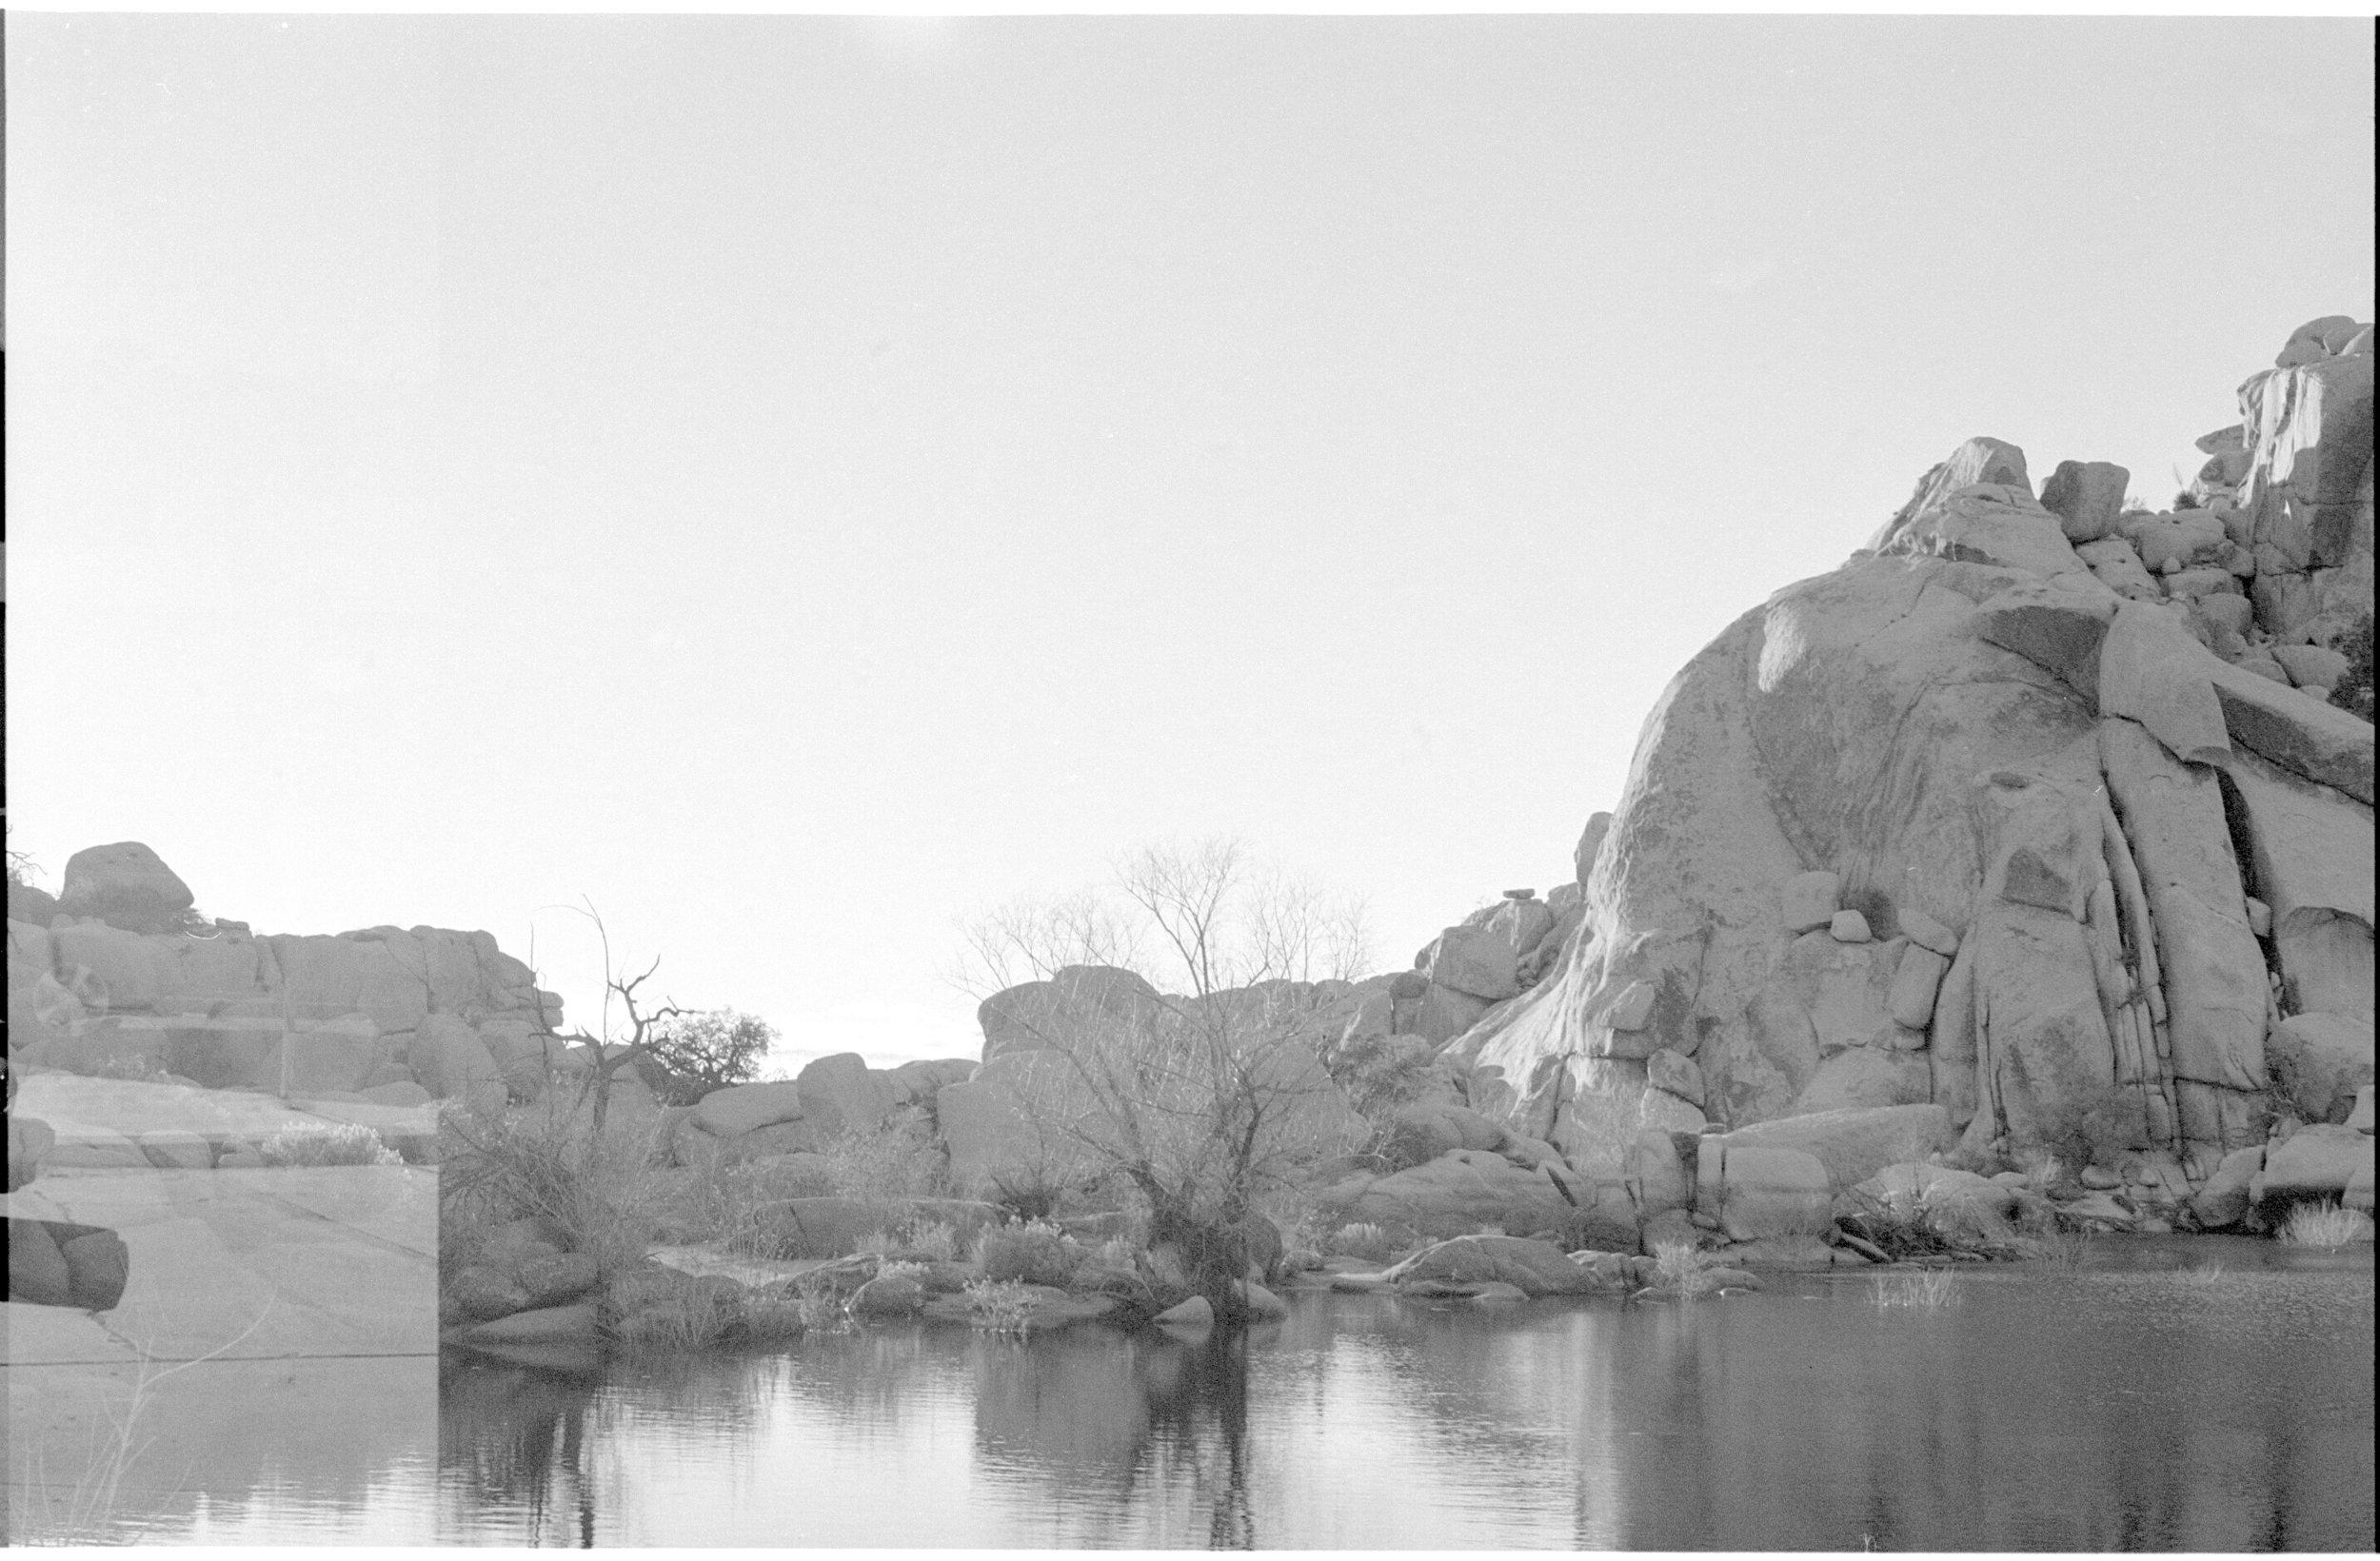 joshua tree, double exposure- lake and wheels